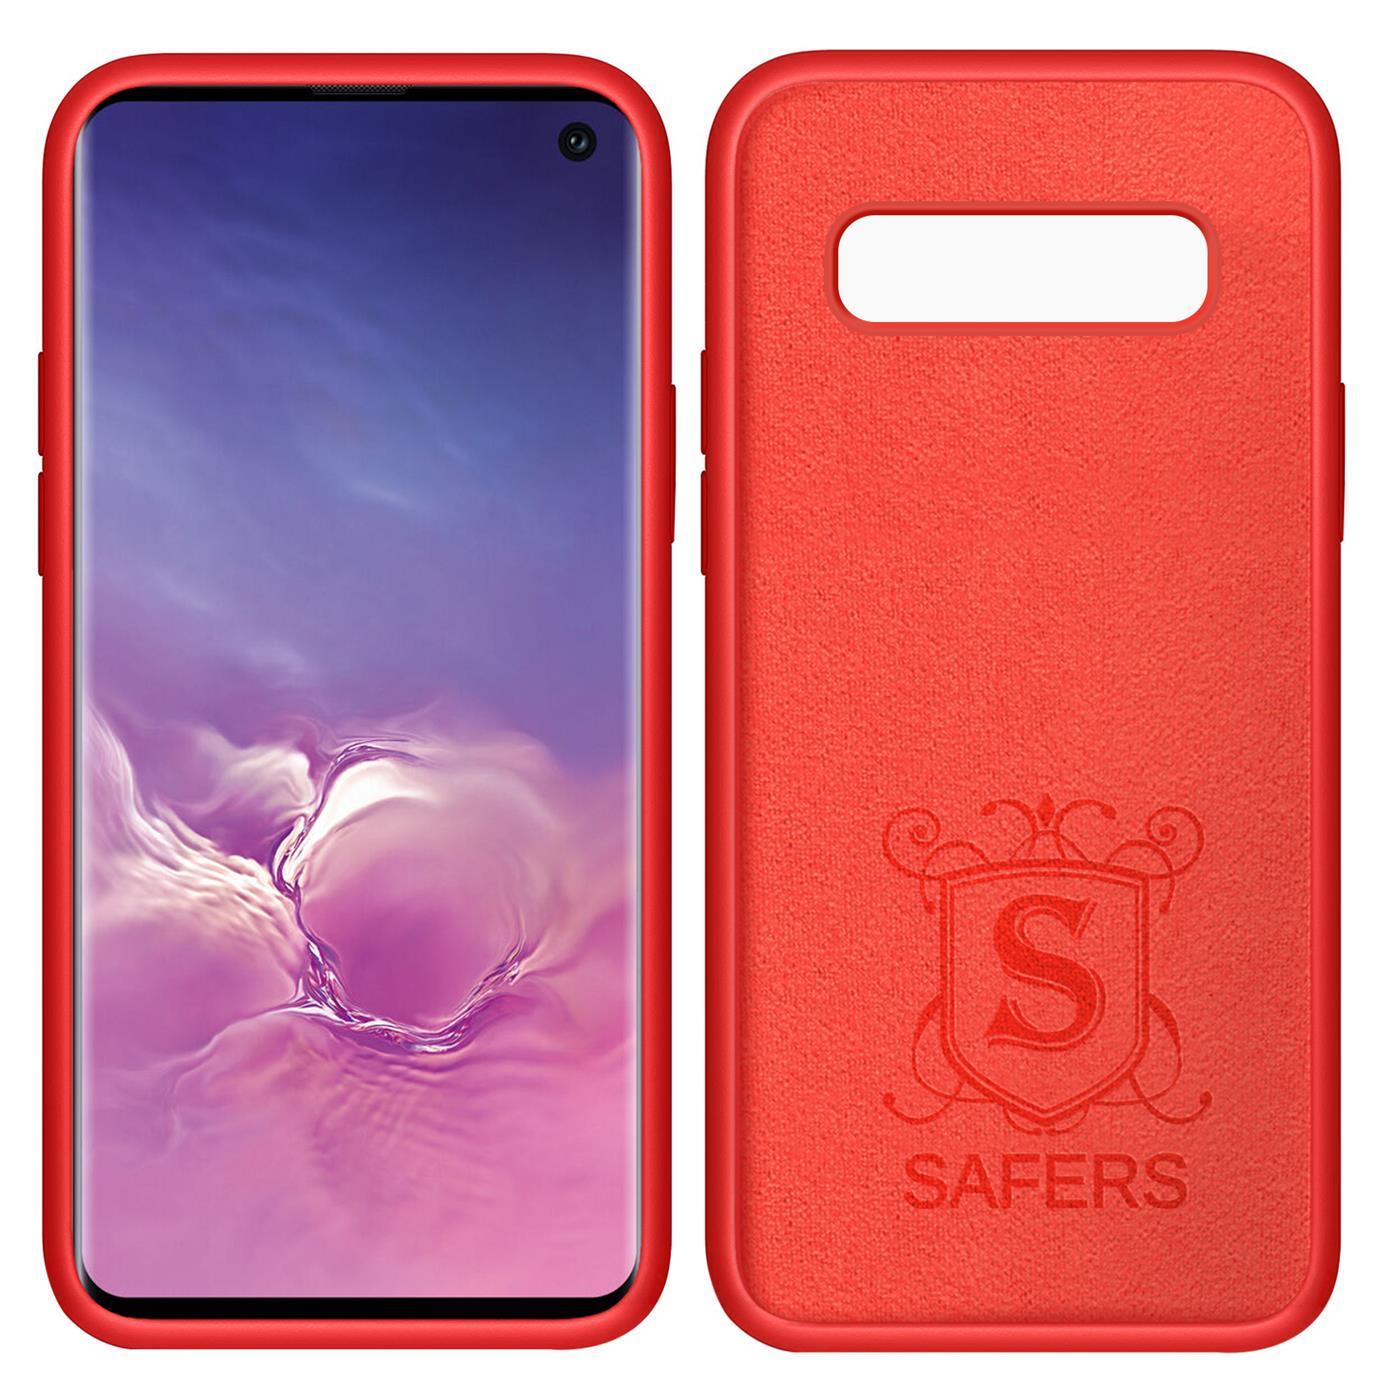 Huelle-Samsung-Galaxy-S10-Handy-Schutz-Cover-Silikon-Gel-Case-Handyhuelle-Tasche Indexbild 19